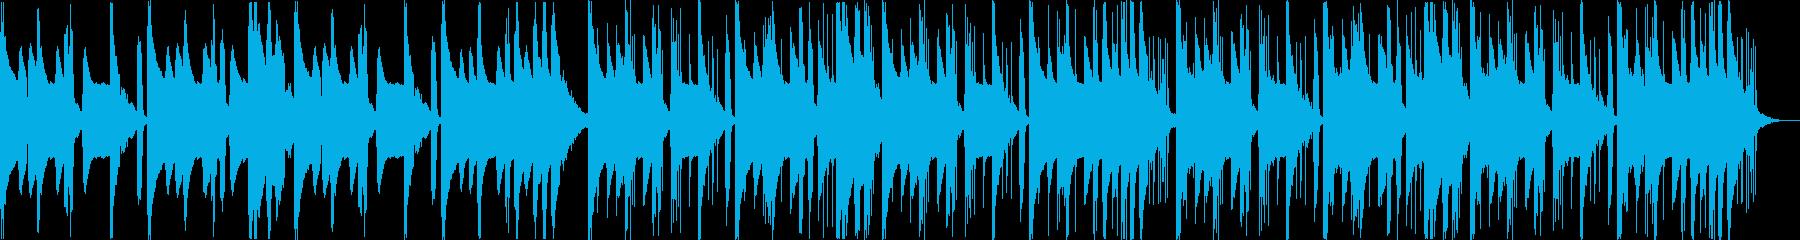 怪しい不気味コミカルなヒップホップcの再生済みの波形